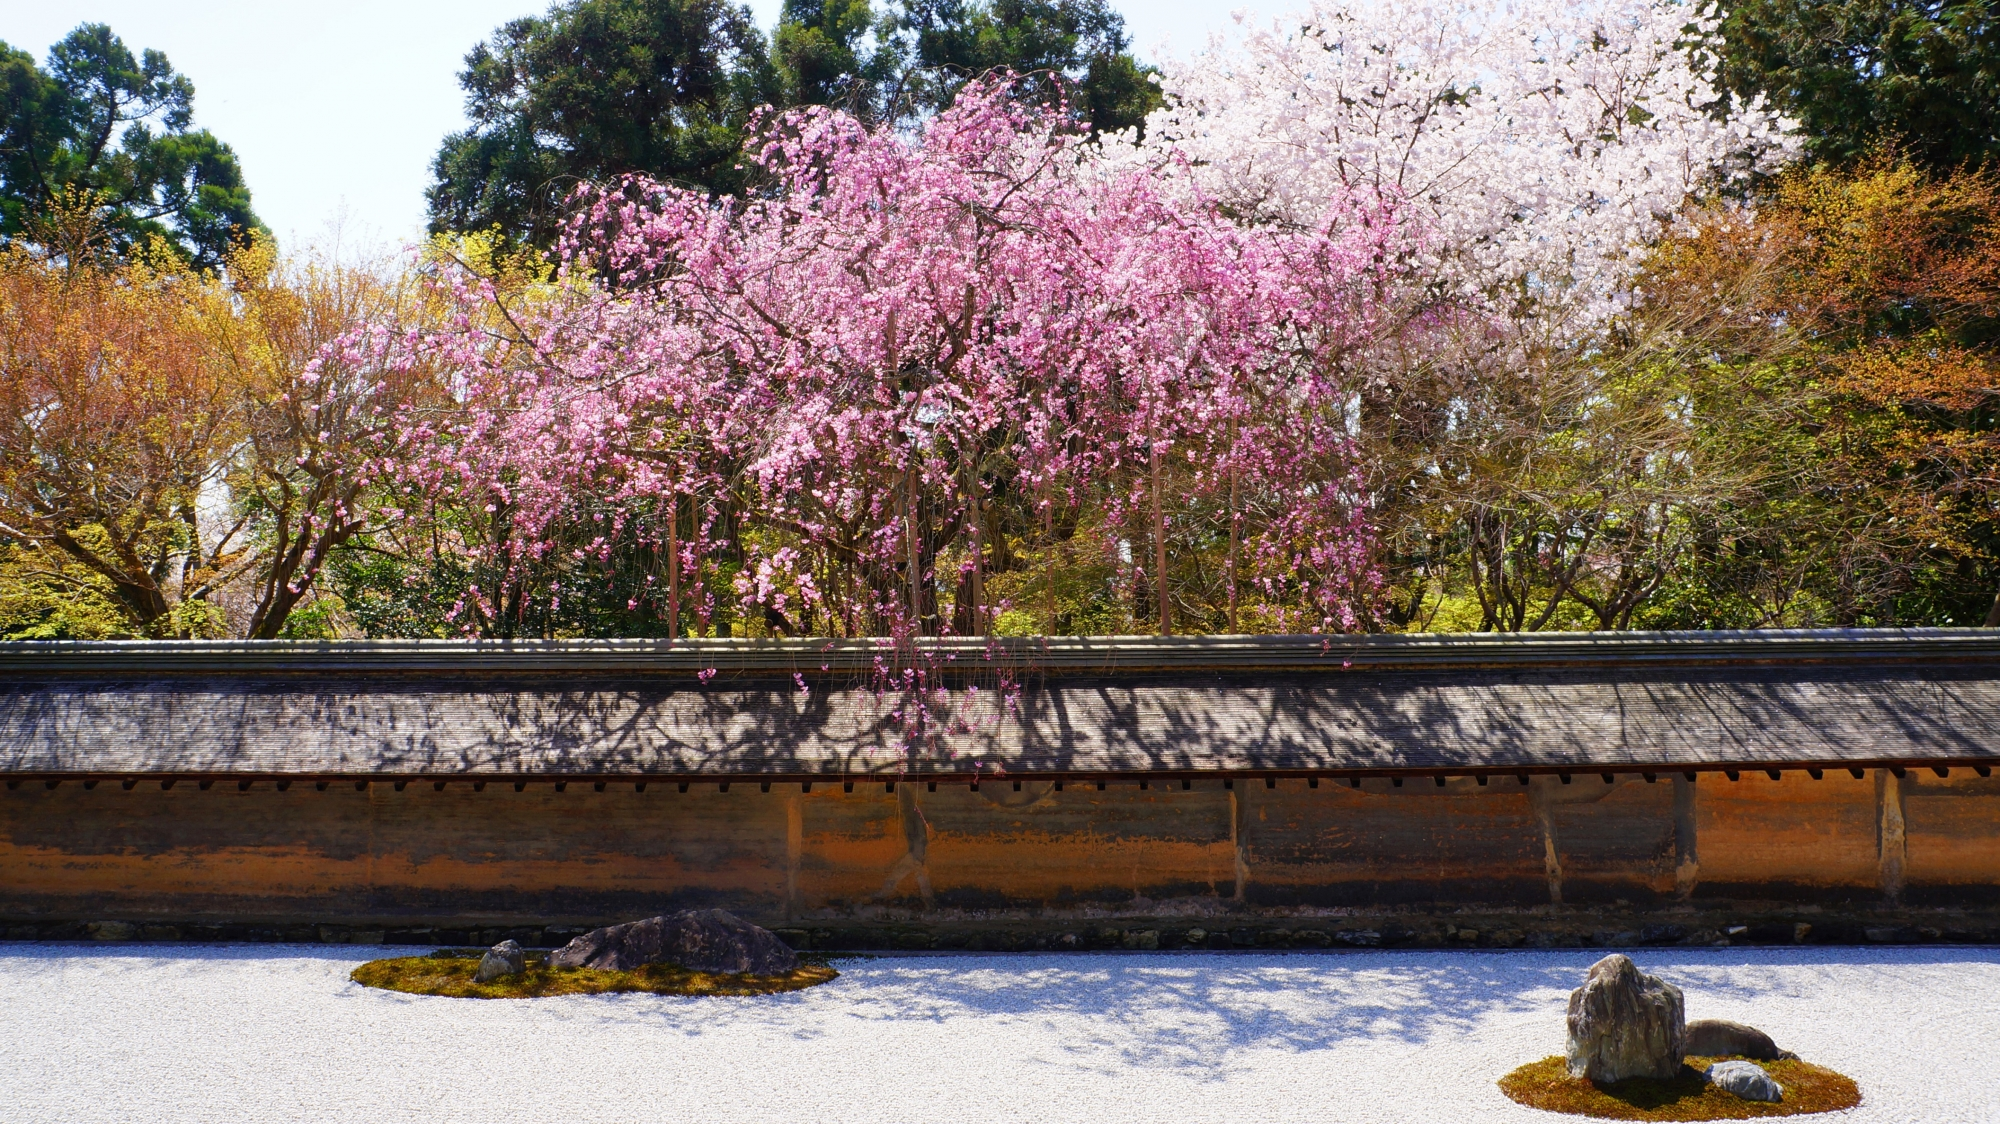 石庭の外から土塀を越えて降り注ぐ桜